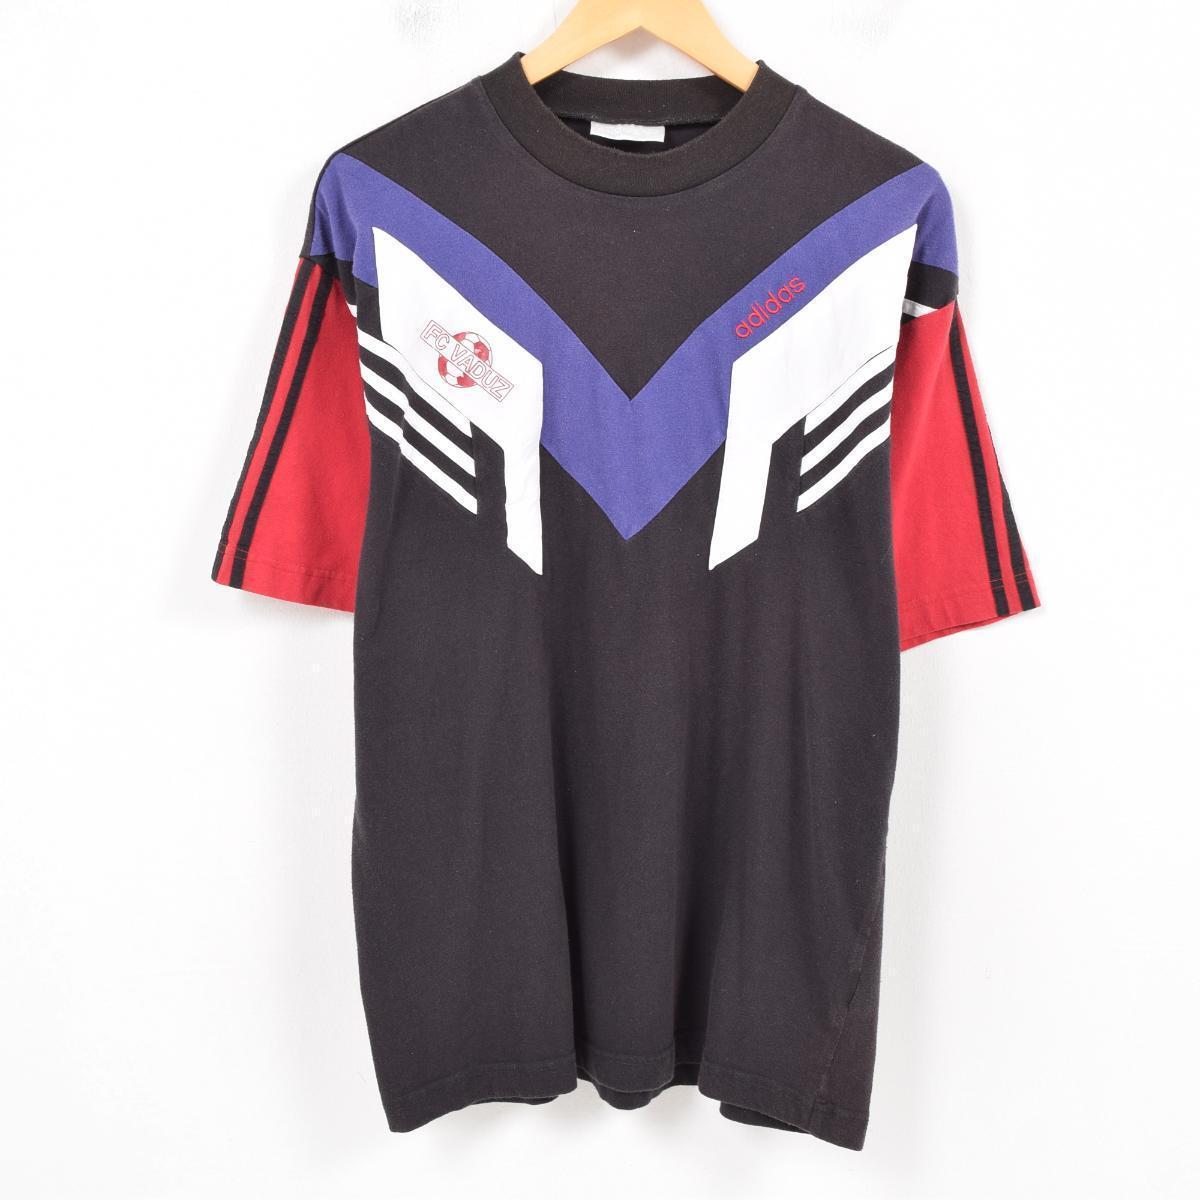 old adidas shirt